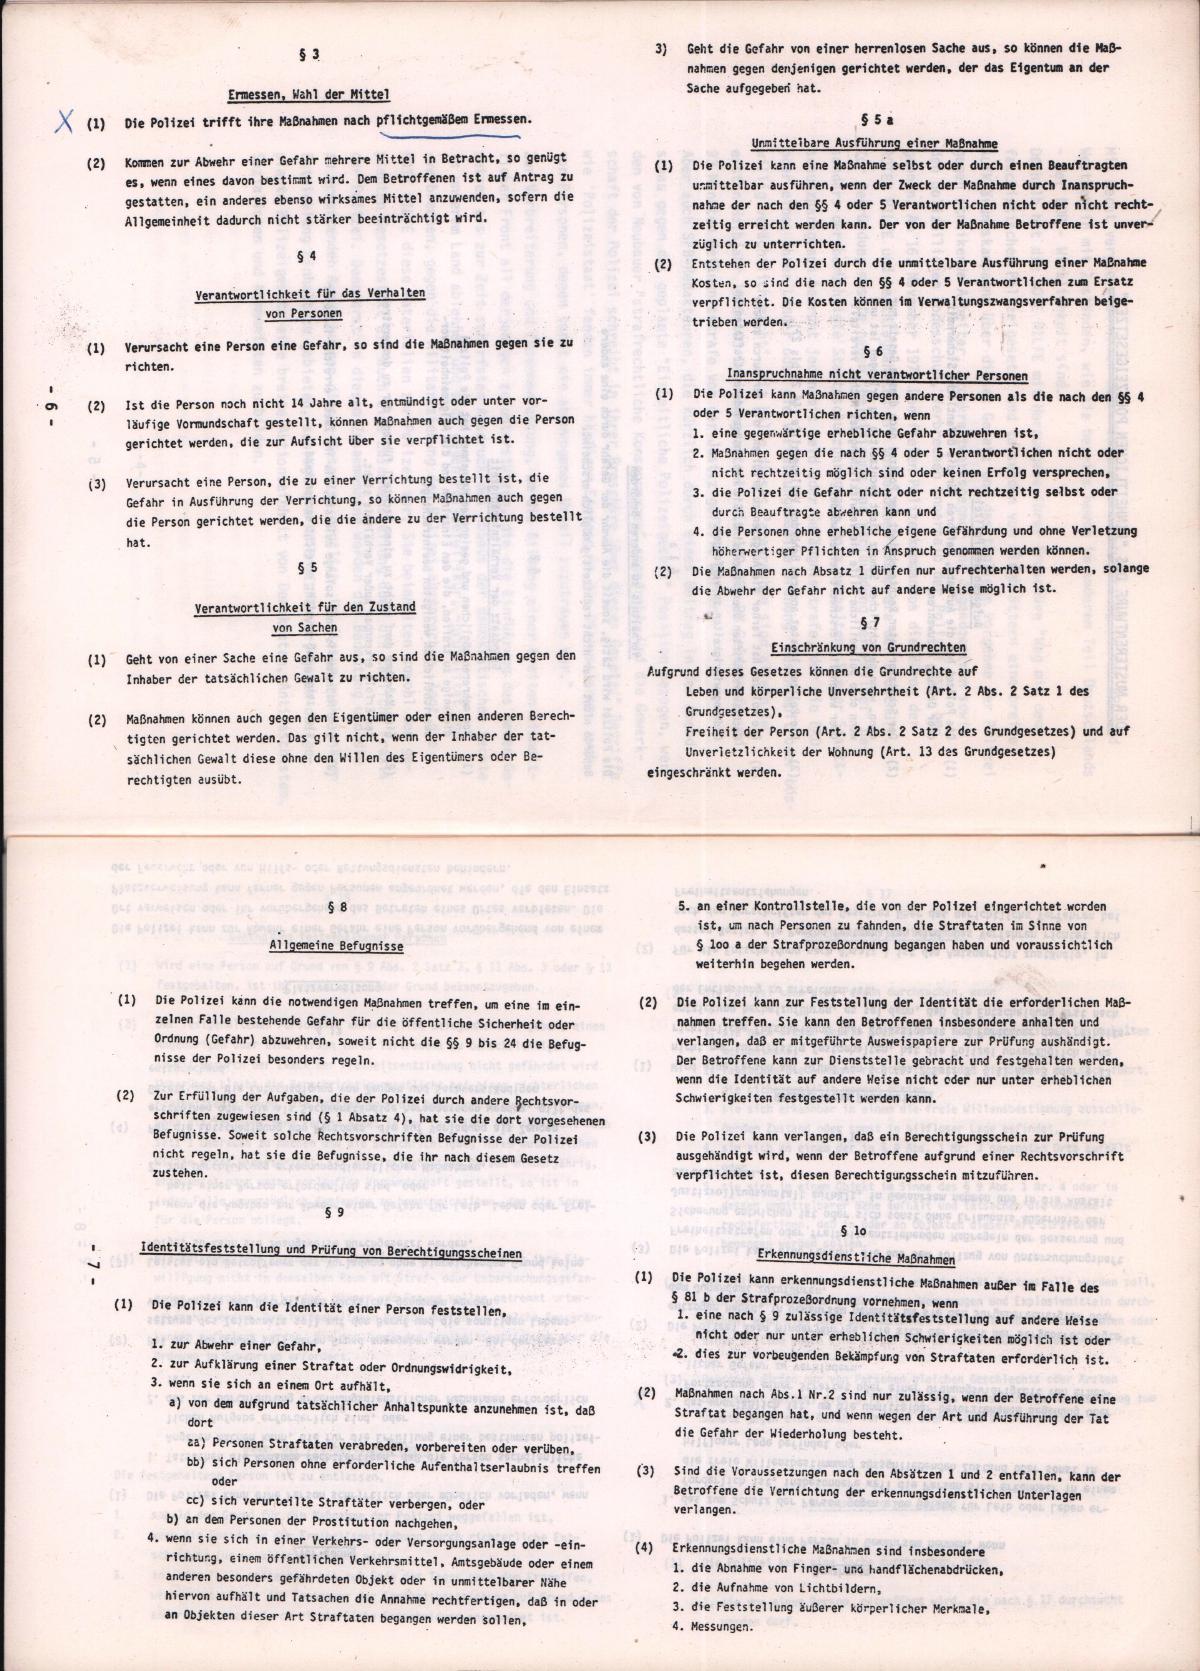 Polizeigesetz060